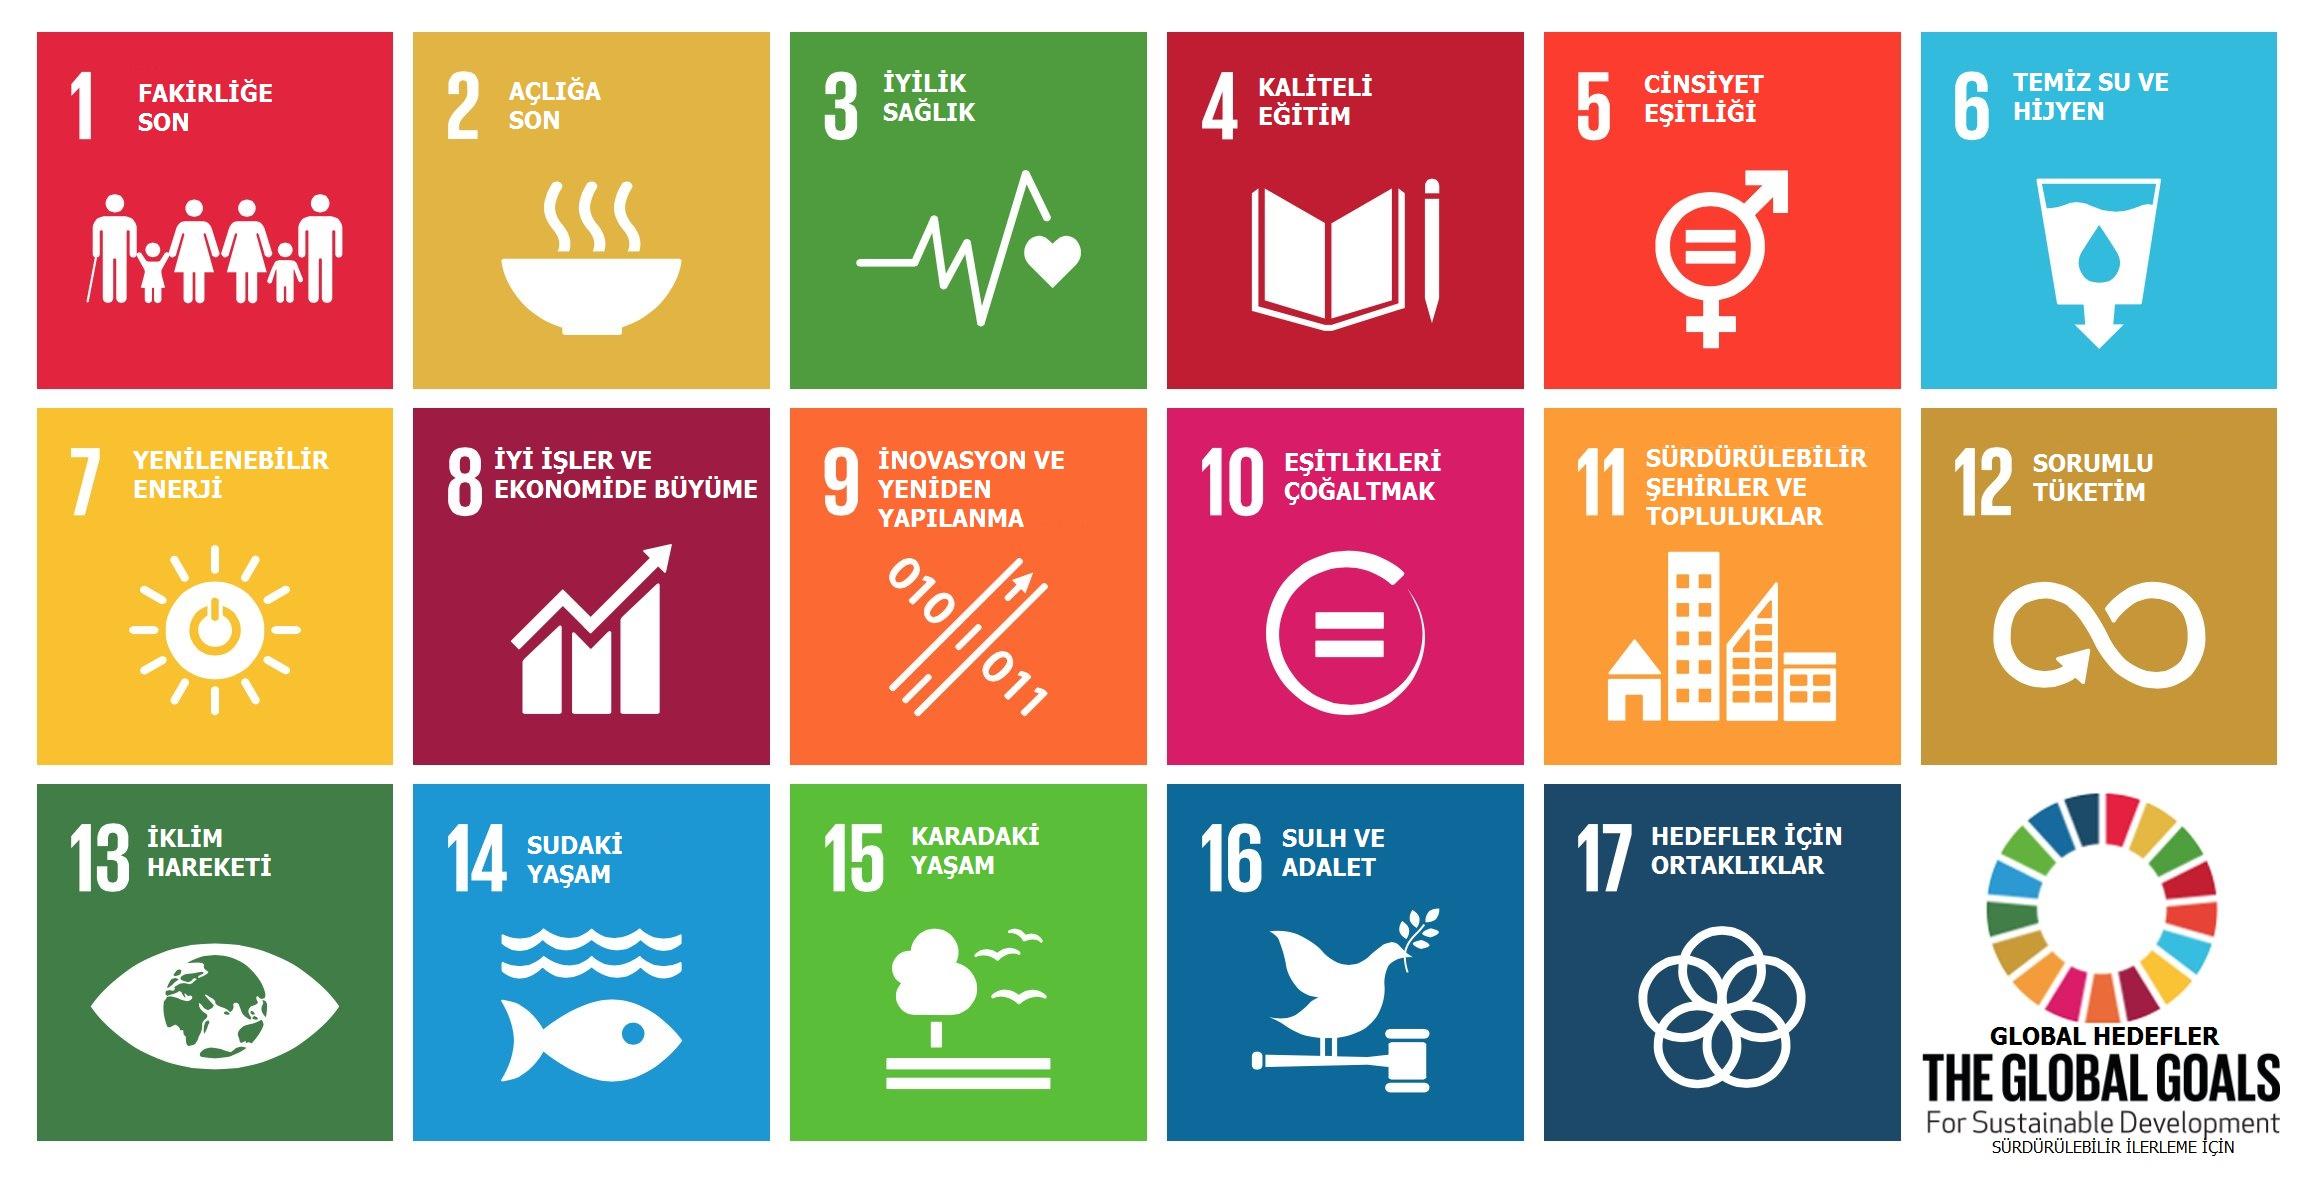 Global goals - Küresel hedefler